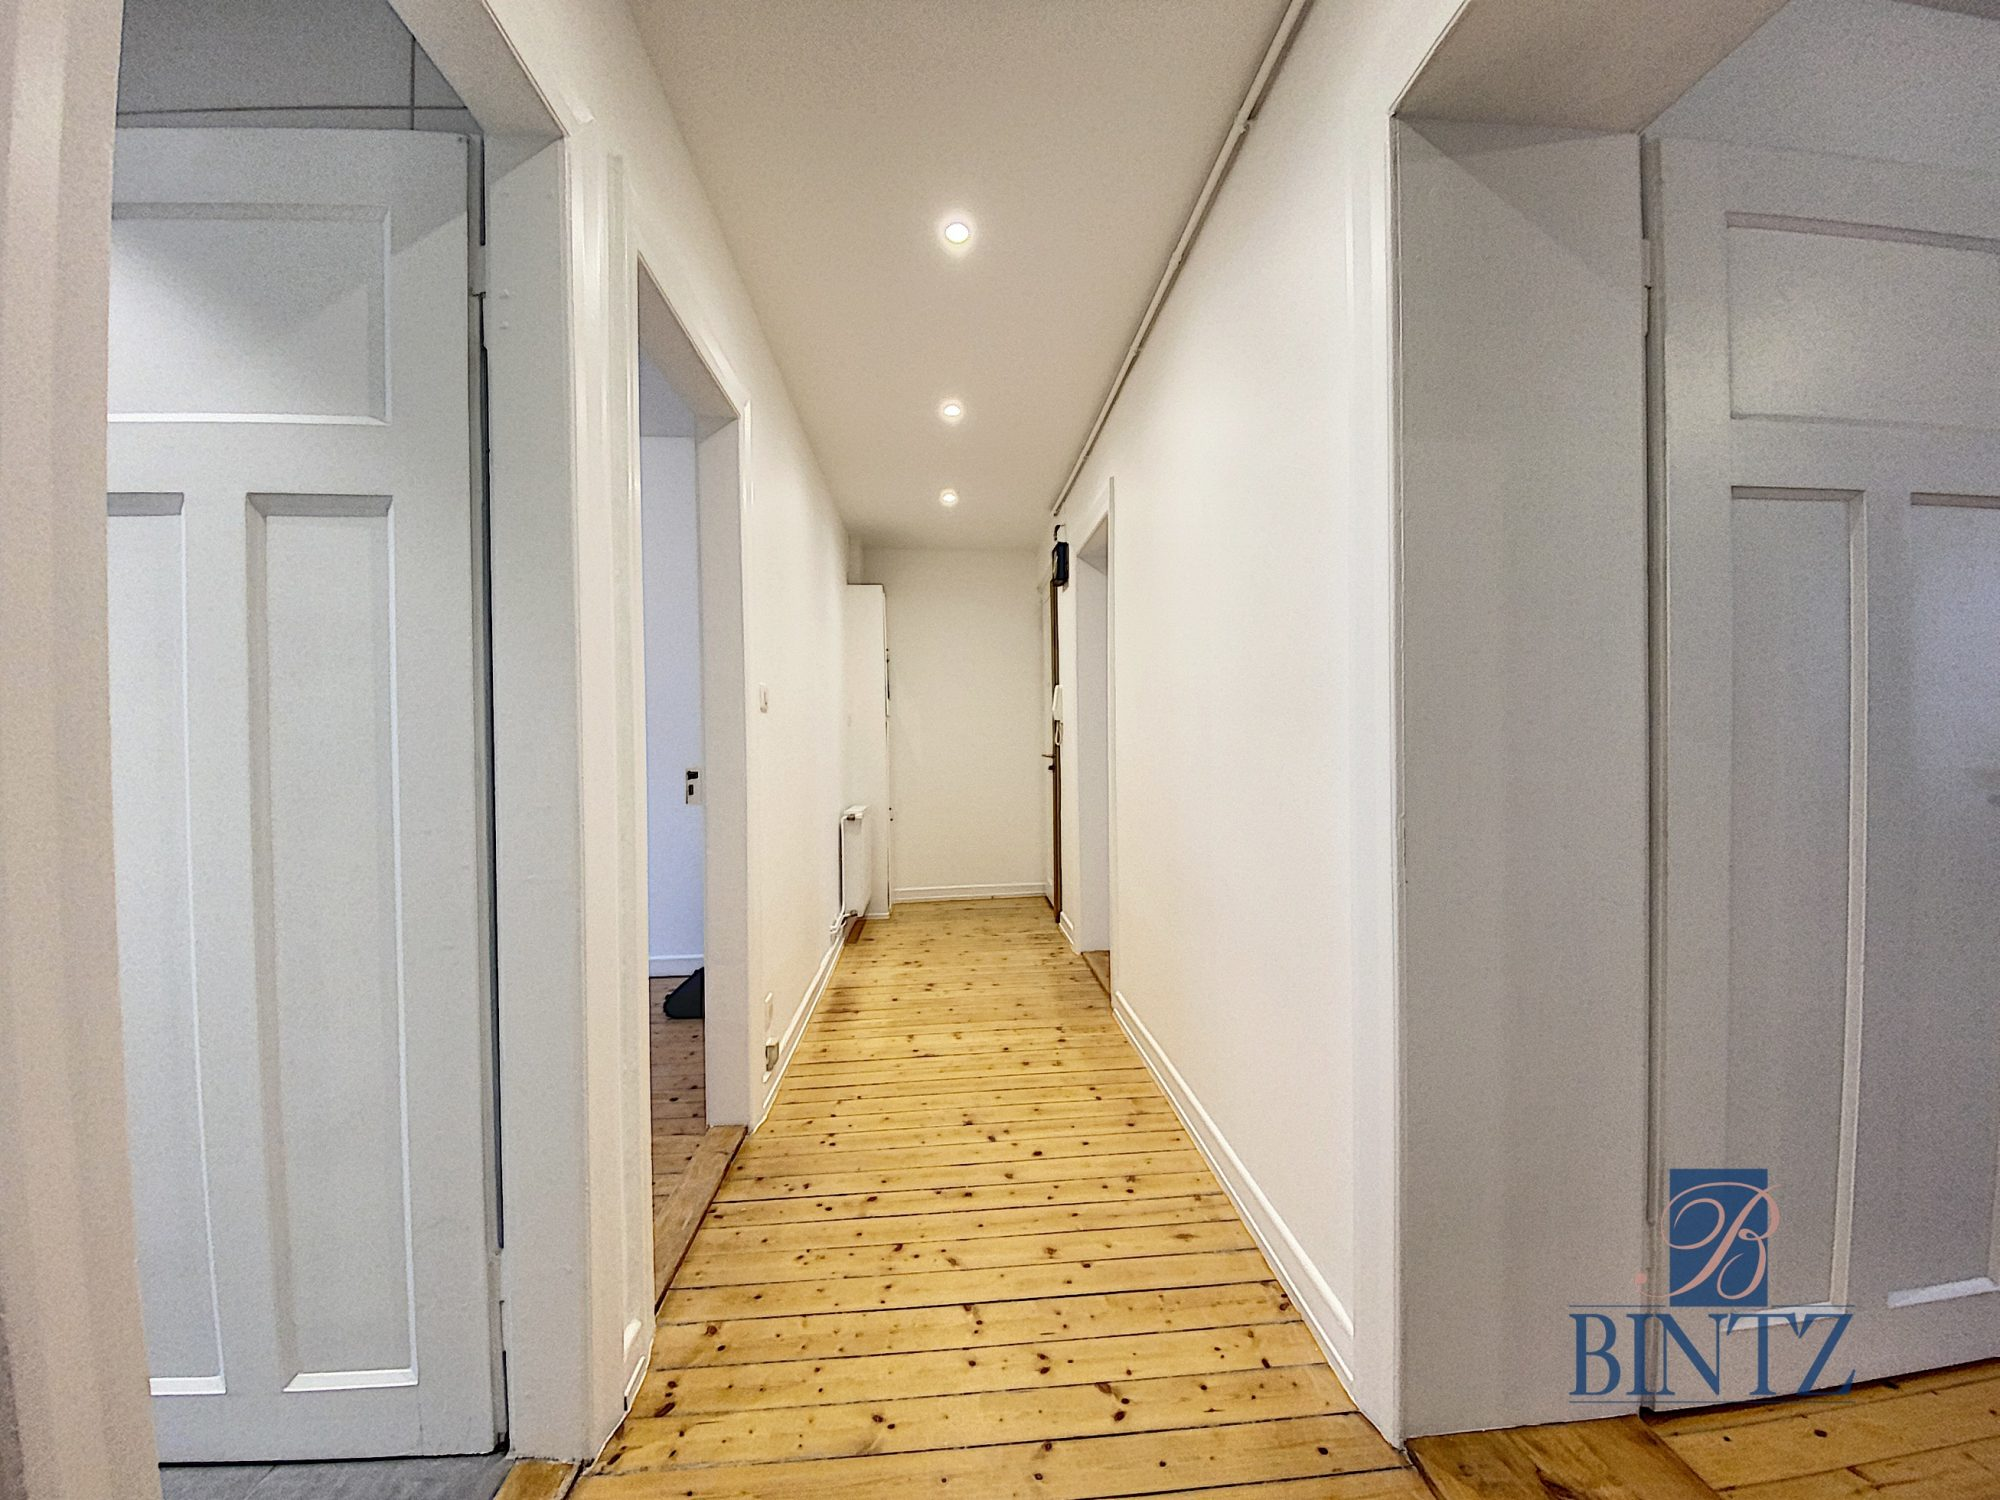 Appartement 3 pièces 69m2 dans le quartier des XV - Devenez propriétaire en toute confiance - Bintz Immobilier - 5